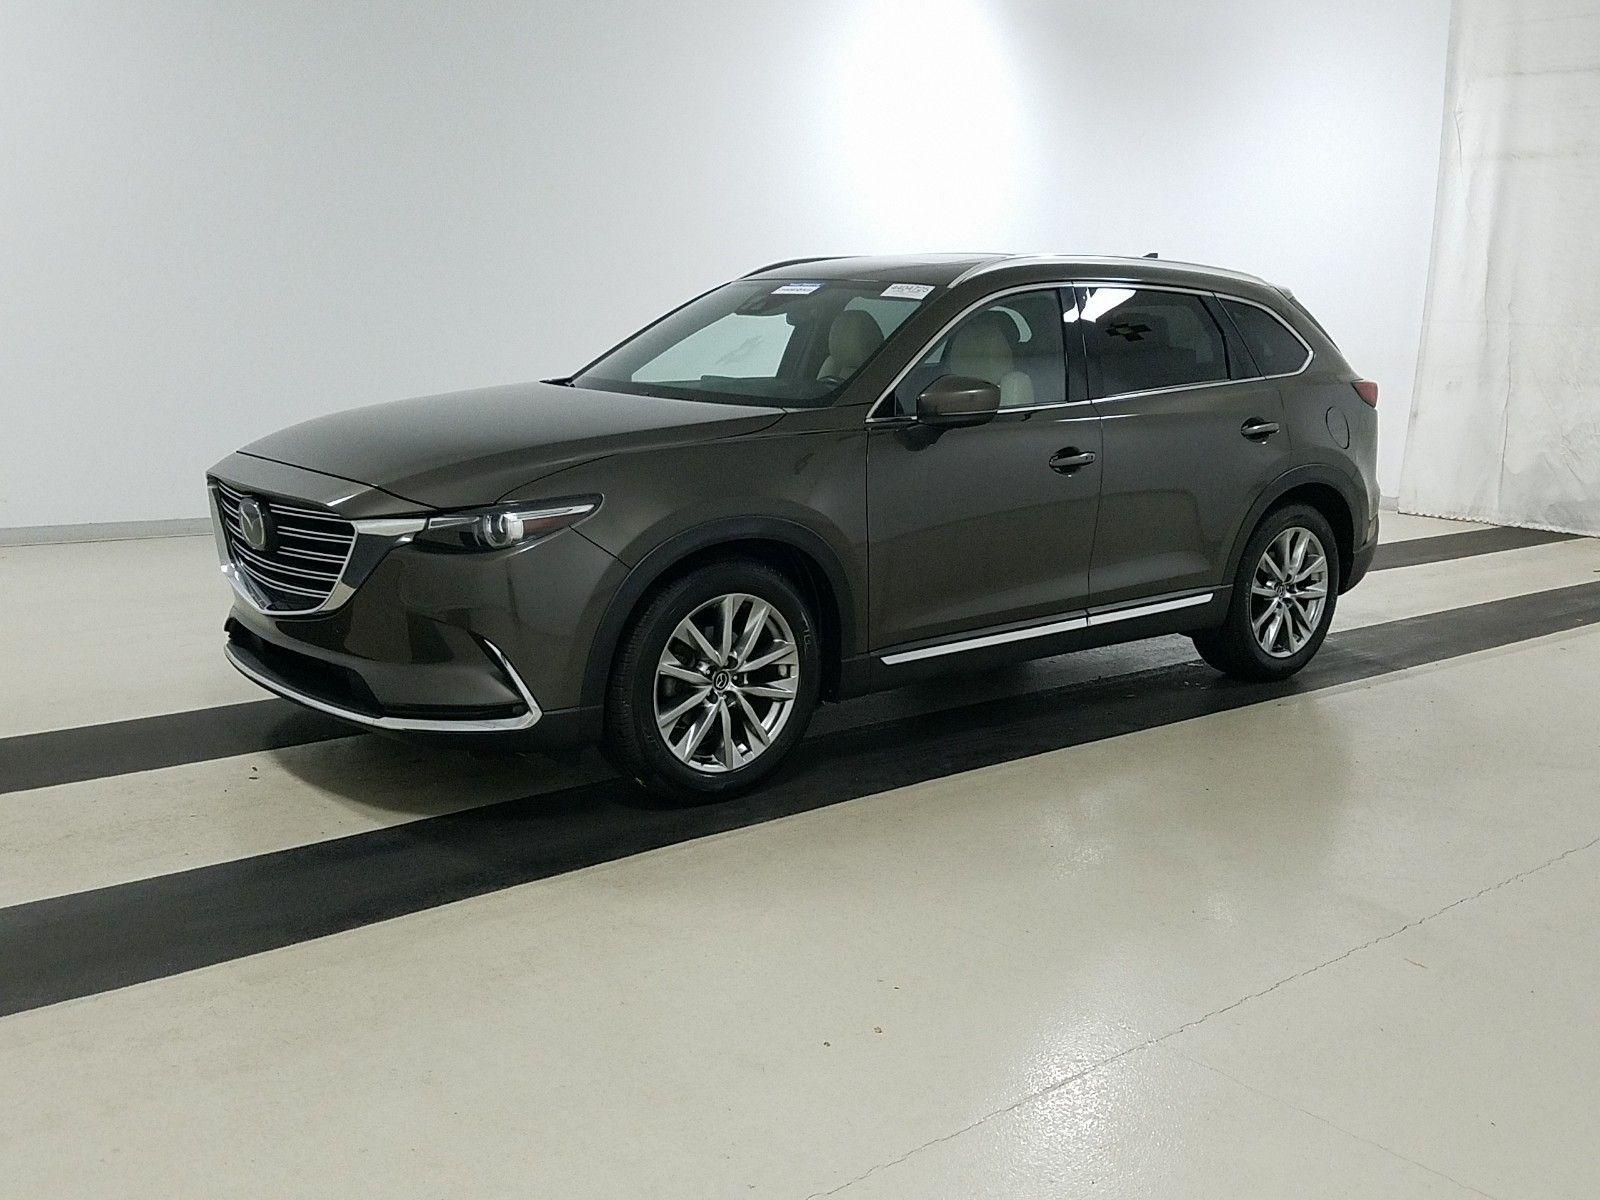 2017 Mazda Cx-9 2.5. Lot 99915795878 Vin JM3TCADY7H0133092